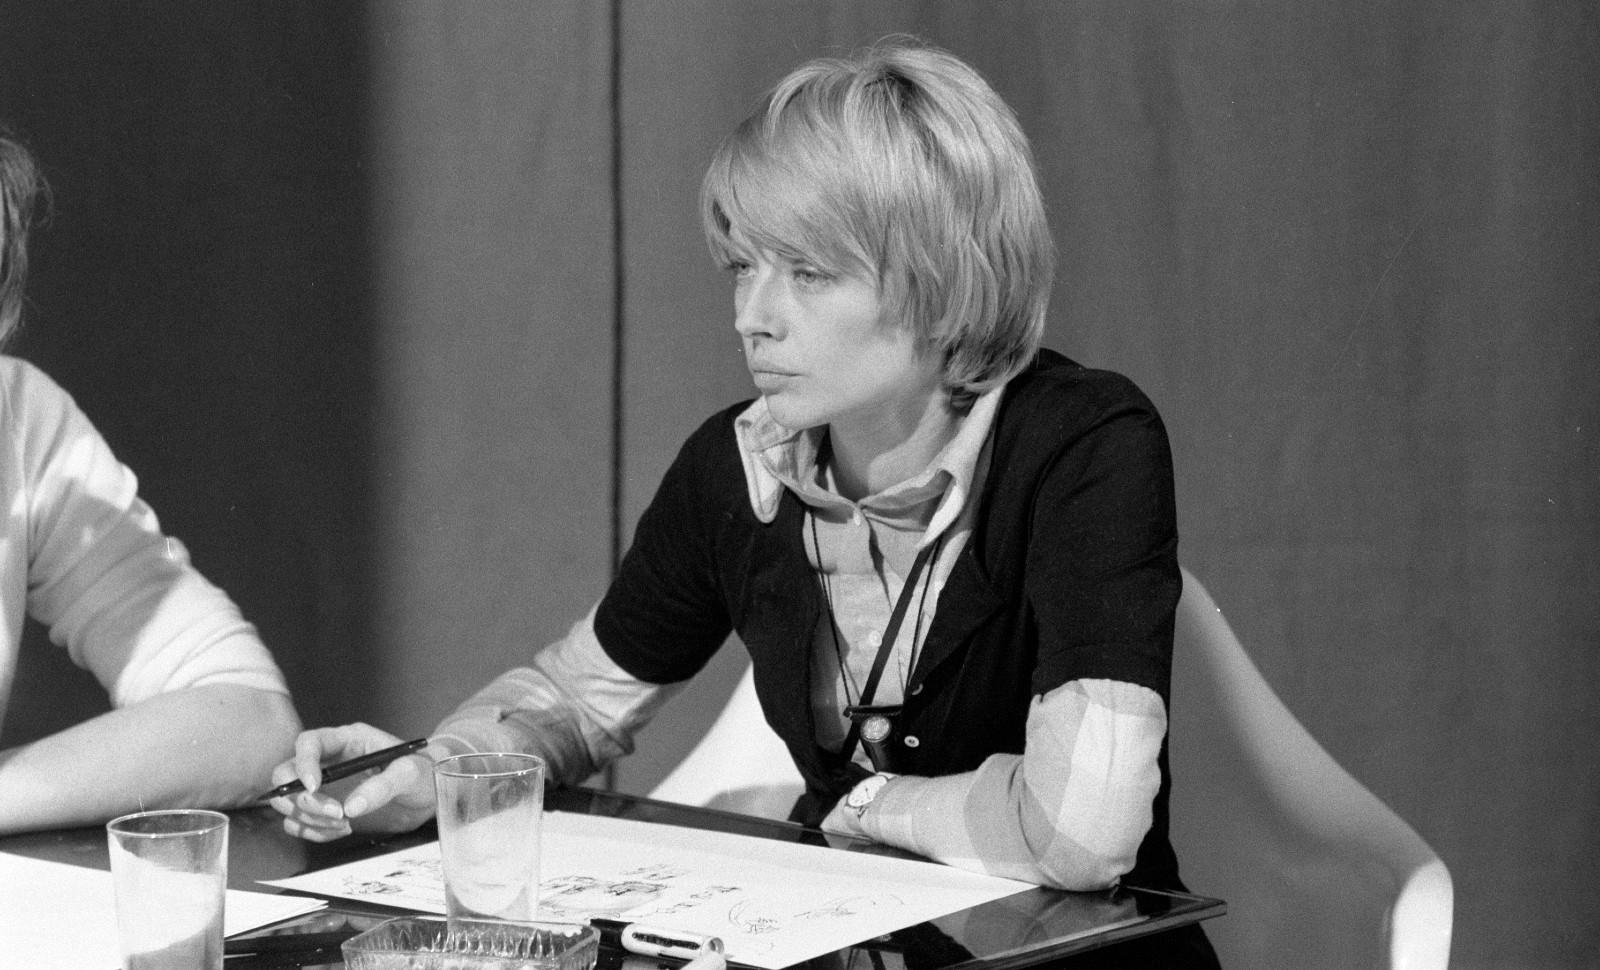 La dessinatrice Claire Brétécher en train de dessiner, mars 1972 © DANIEL LEFEVRE / INA